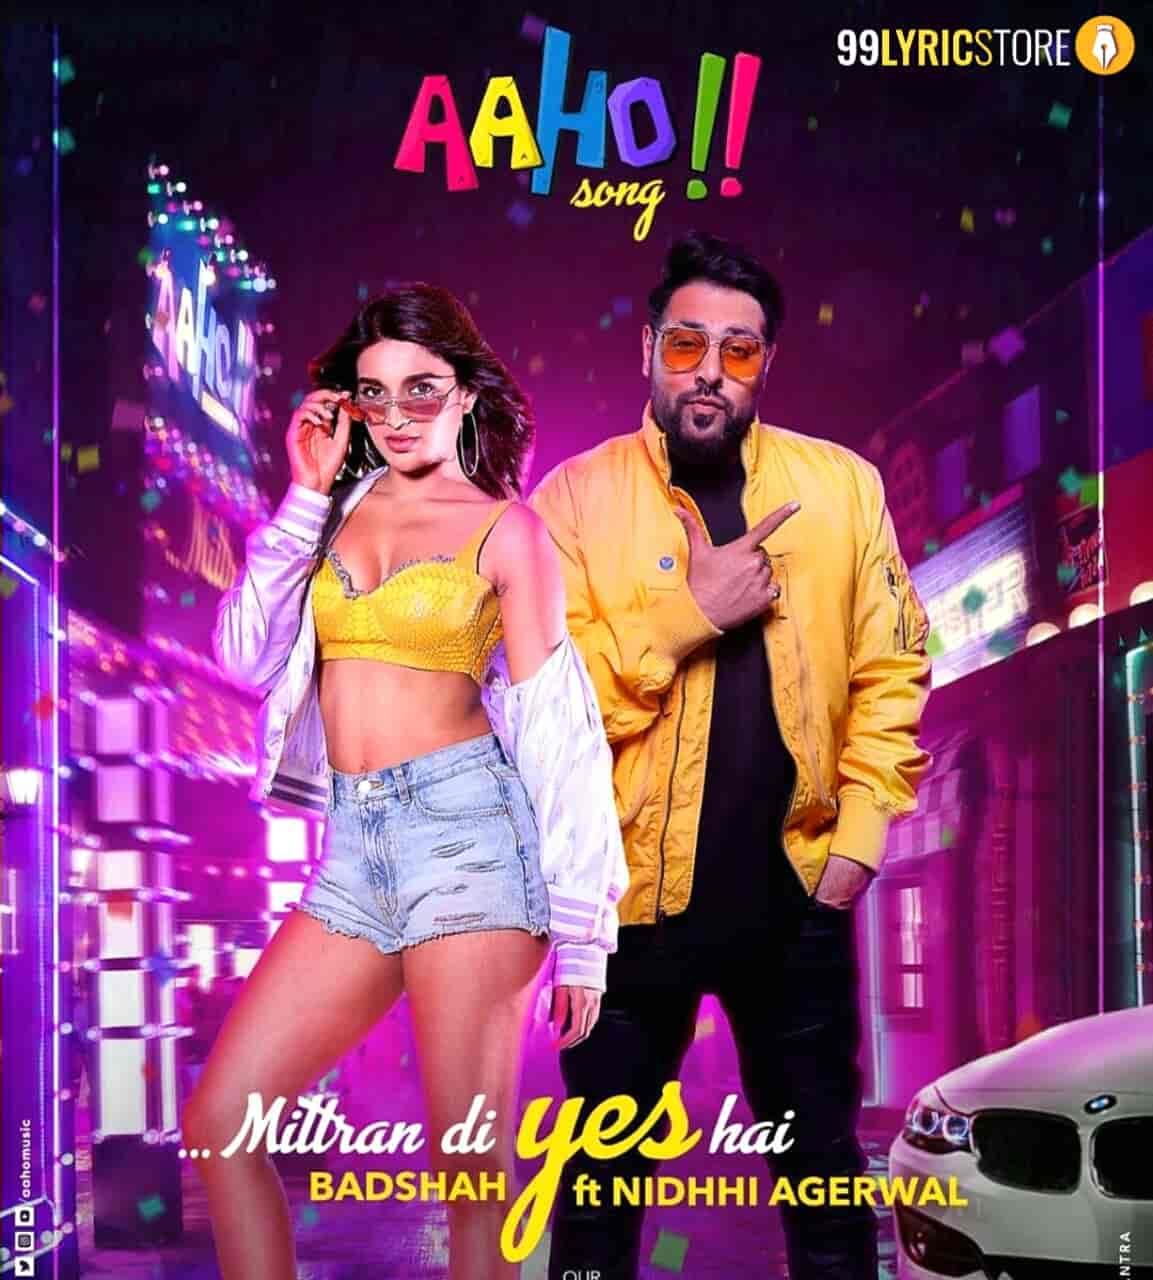 Aaho Mitran Di Yes Hai Badshah Song Images